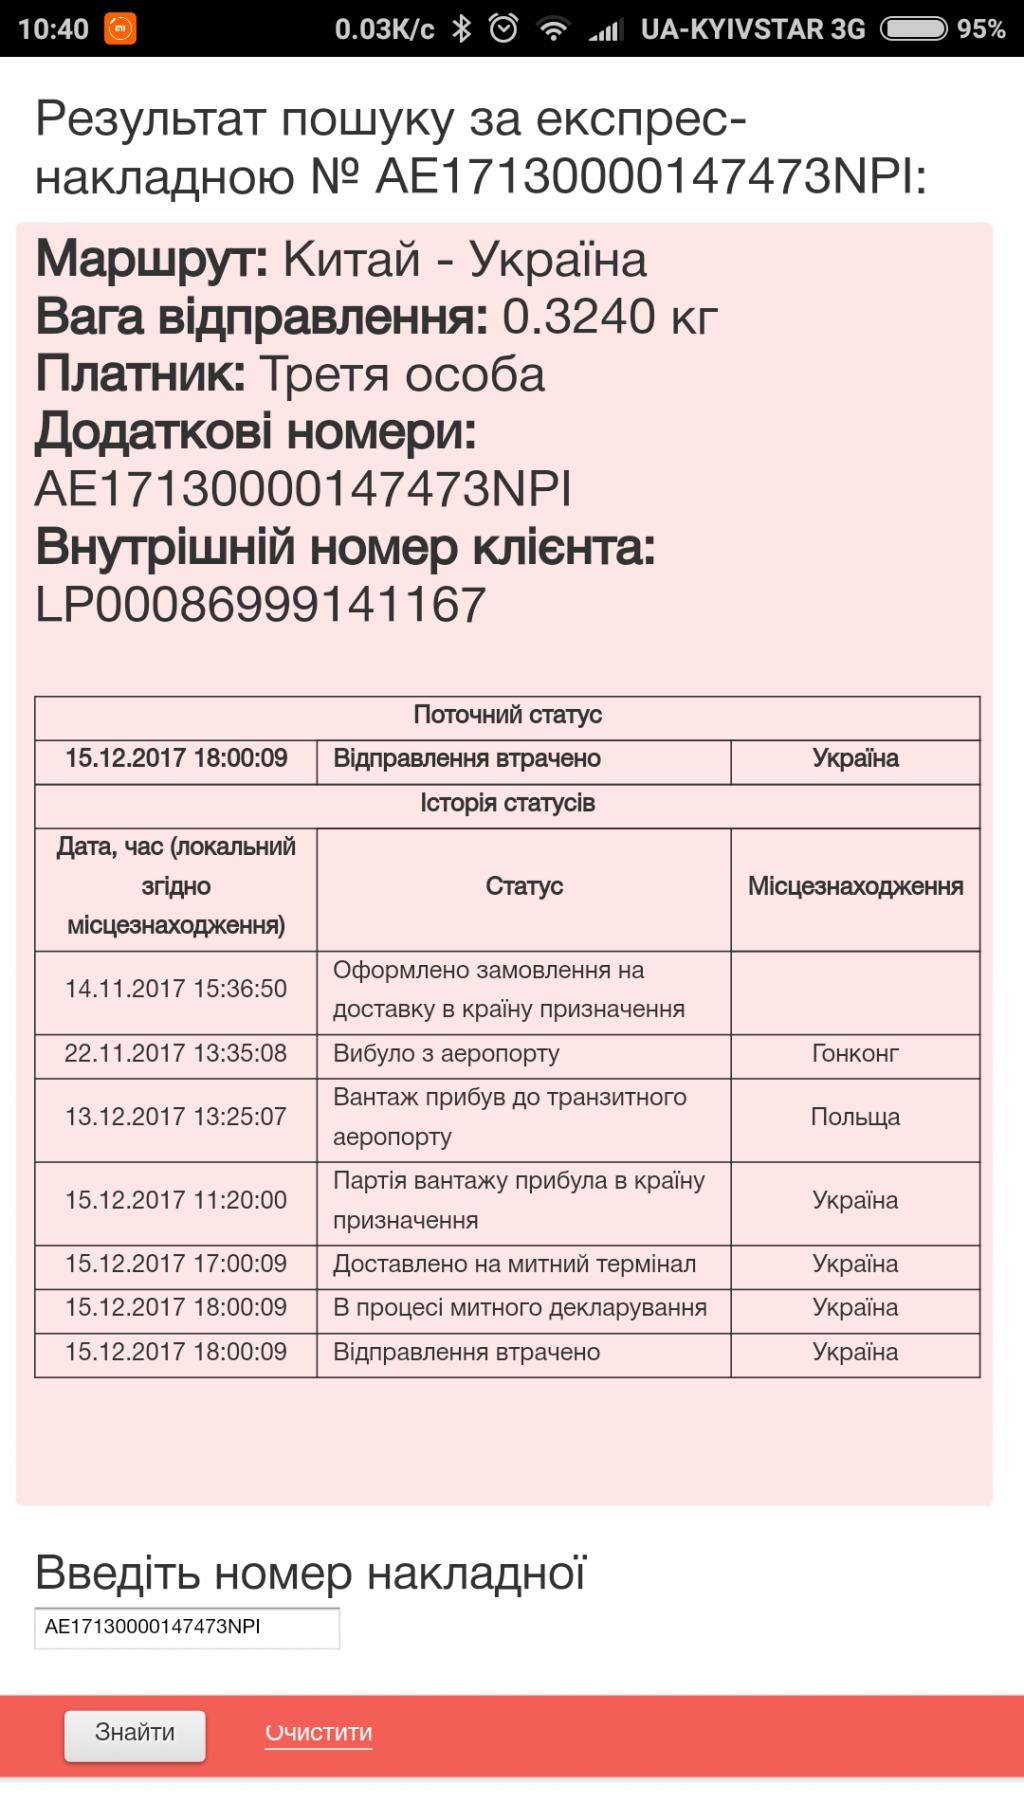 НОВАЯ ПОЧТА (Нова Пошта) - Отправление утеряно AE17130000147473NPI